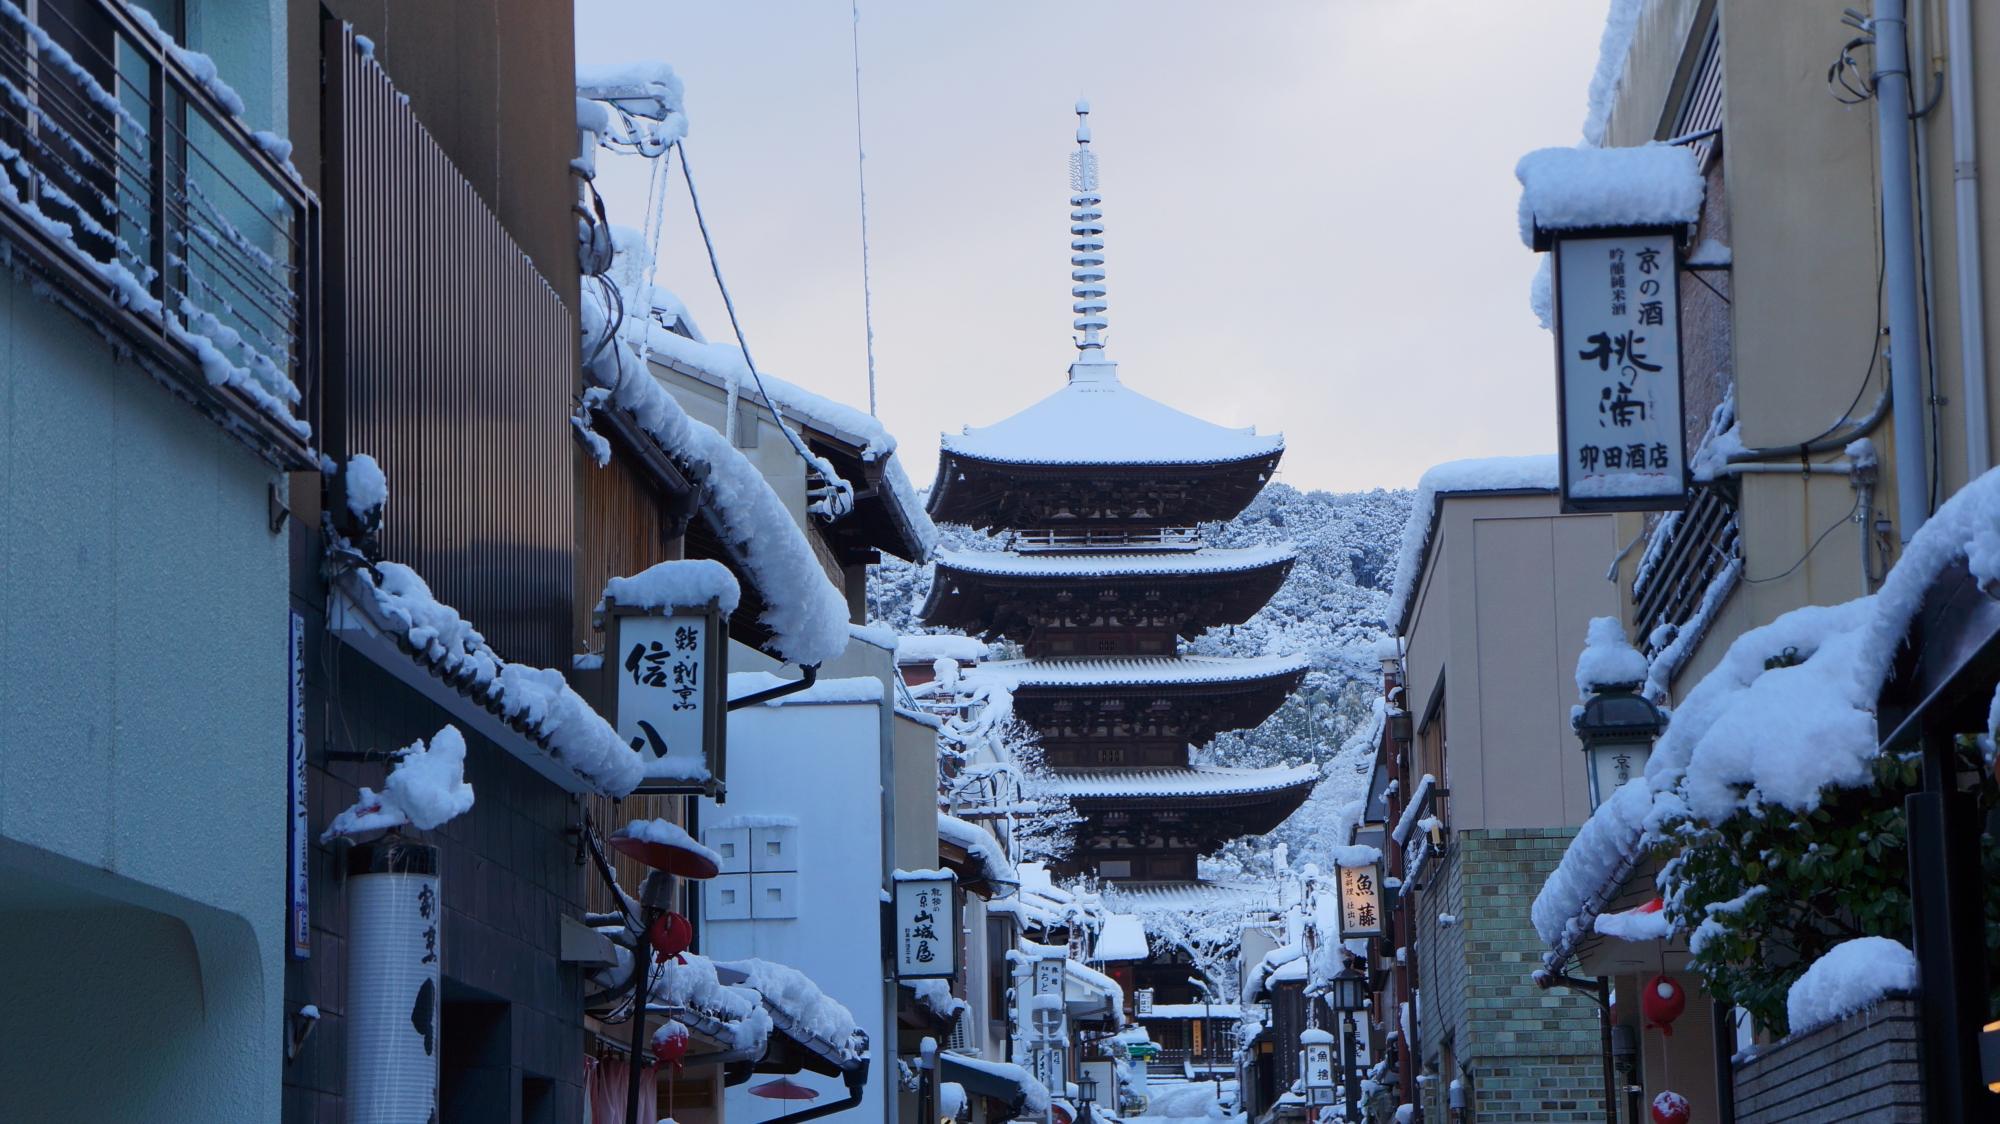 八坂の塔の素晴らしい雪景色